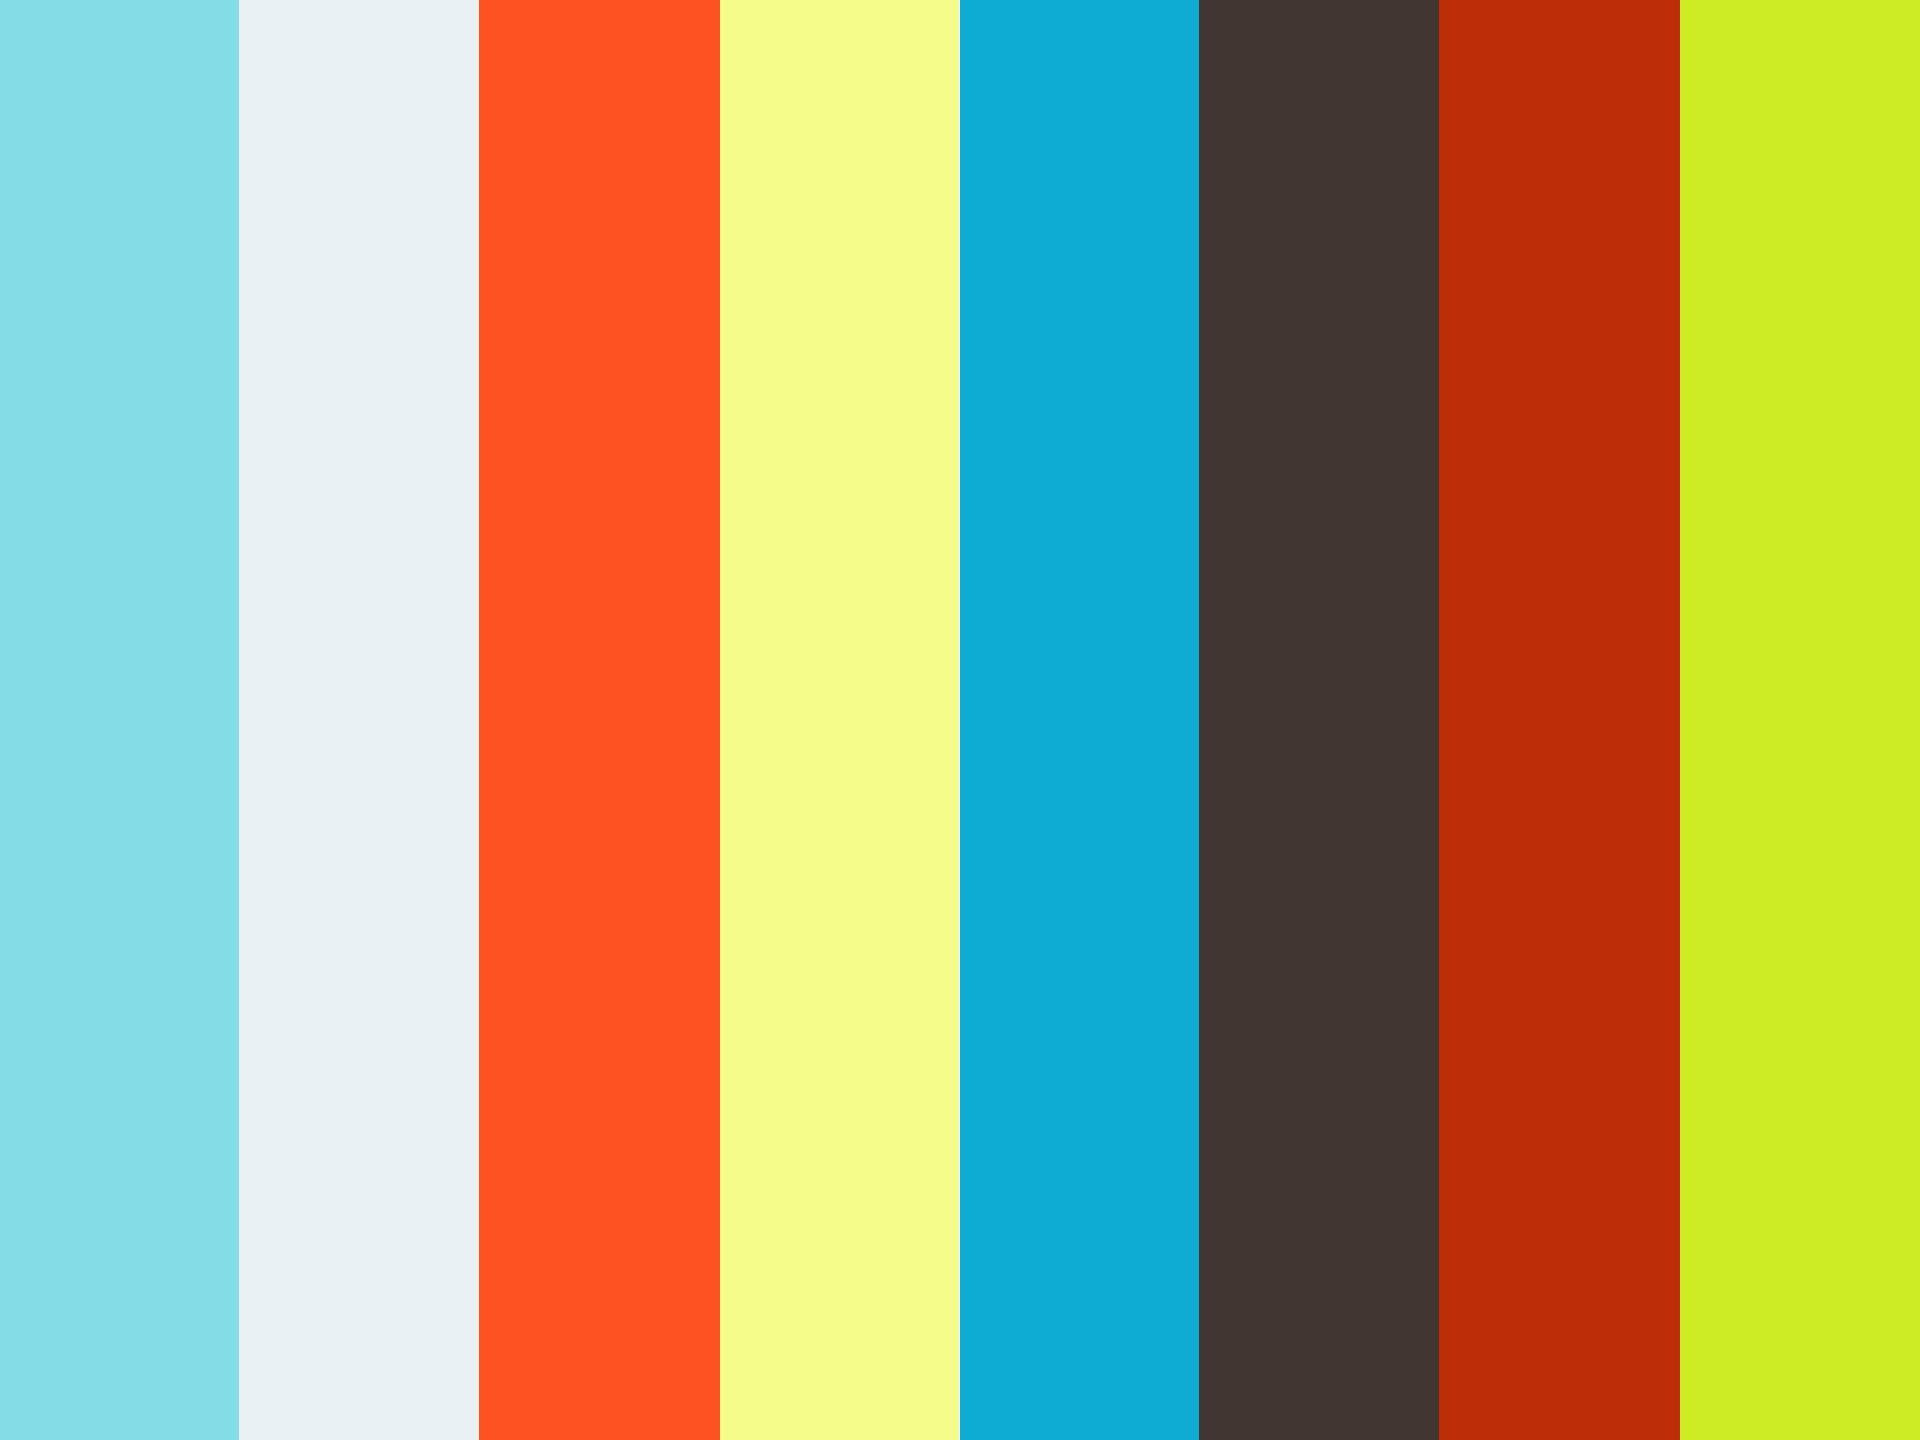 IPS e.max ジルキャド MT マルチ チェアサイドブロック草間幸夫先生によるビデオセミナー 【全10動画】 #7 シンタリングとシンタリング前後の工程